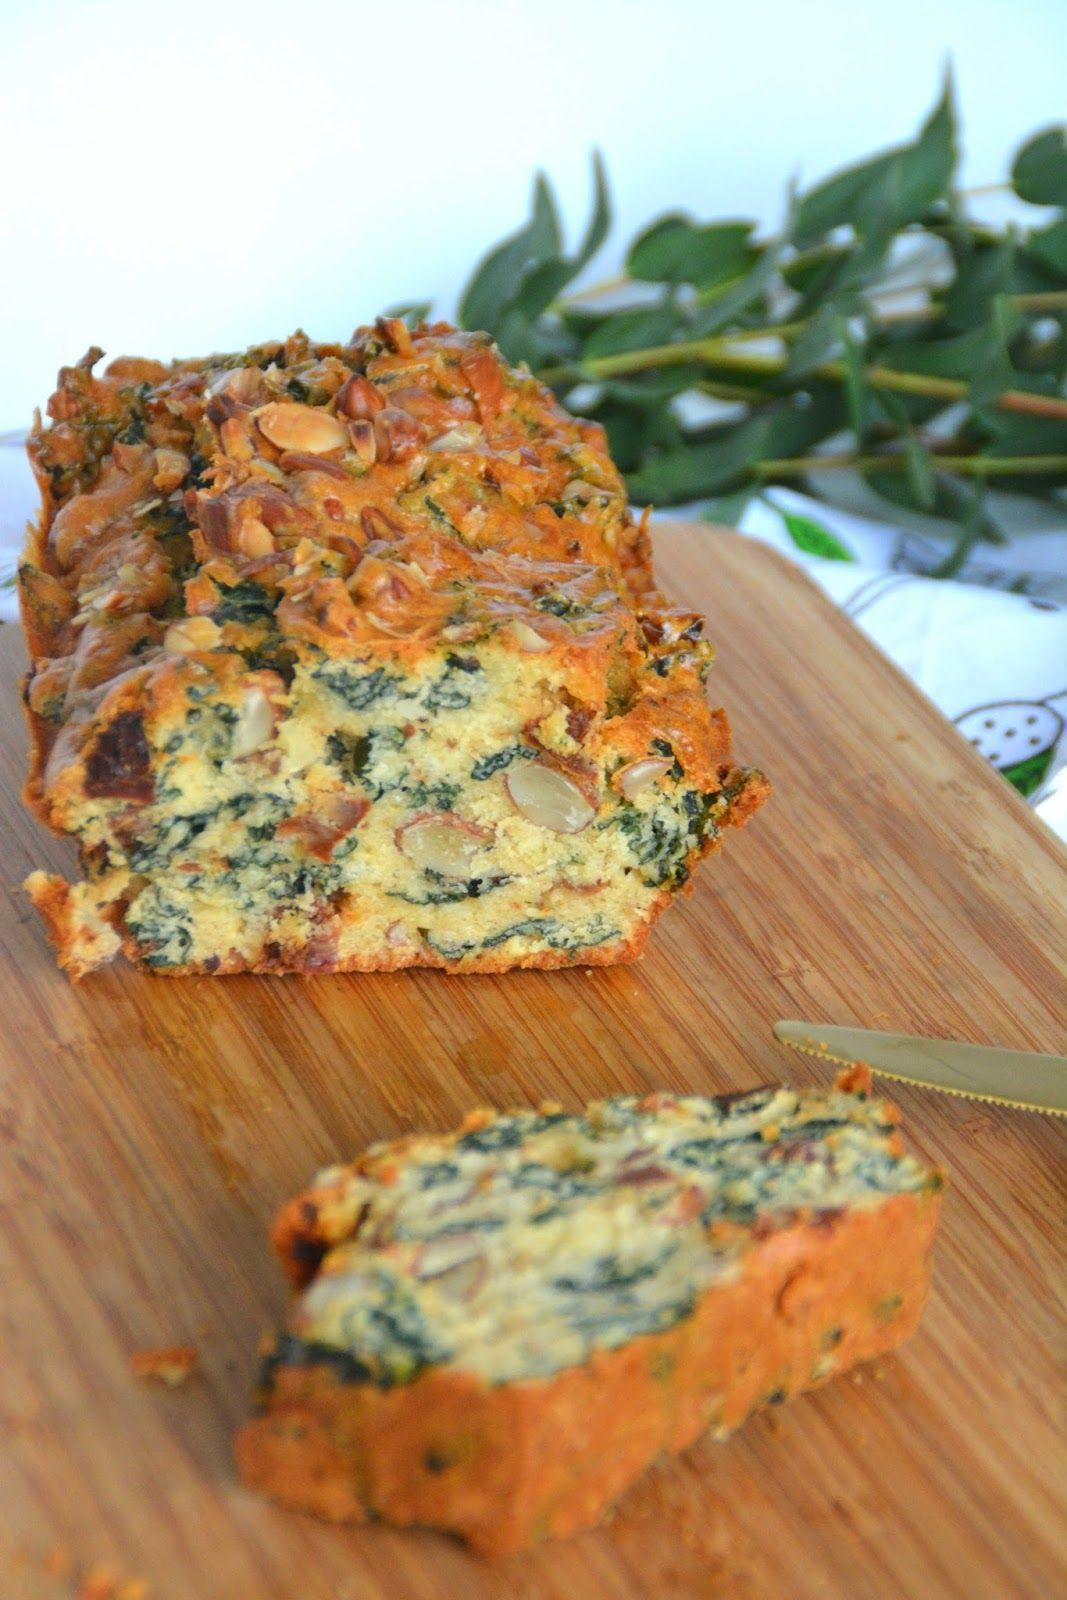 Cake Kale, tomates séchées et amandes – recette végétarienne